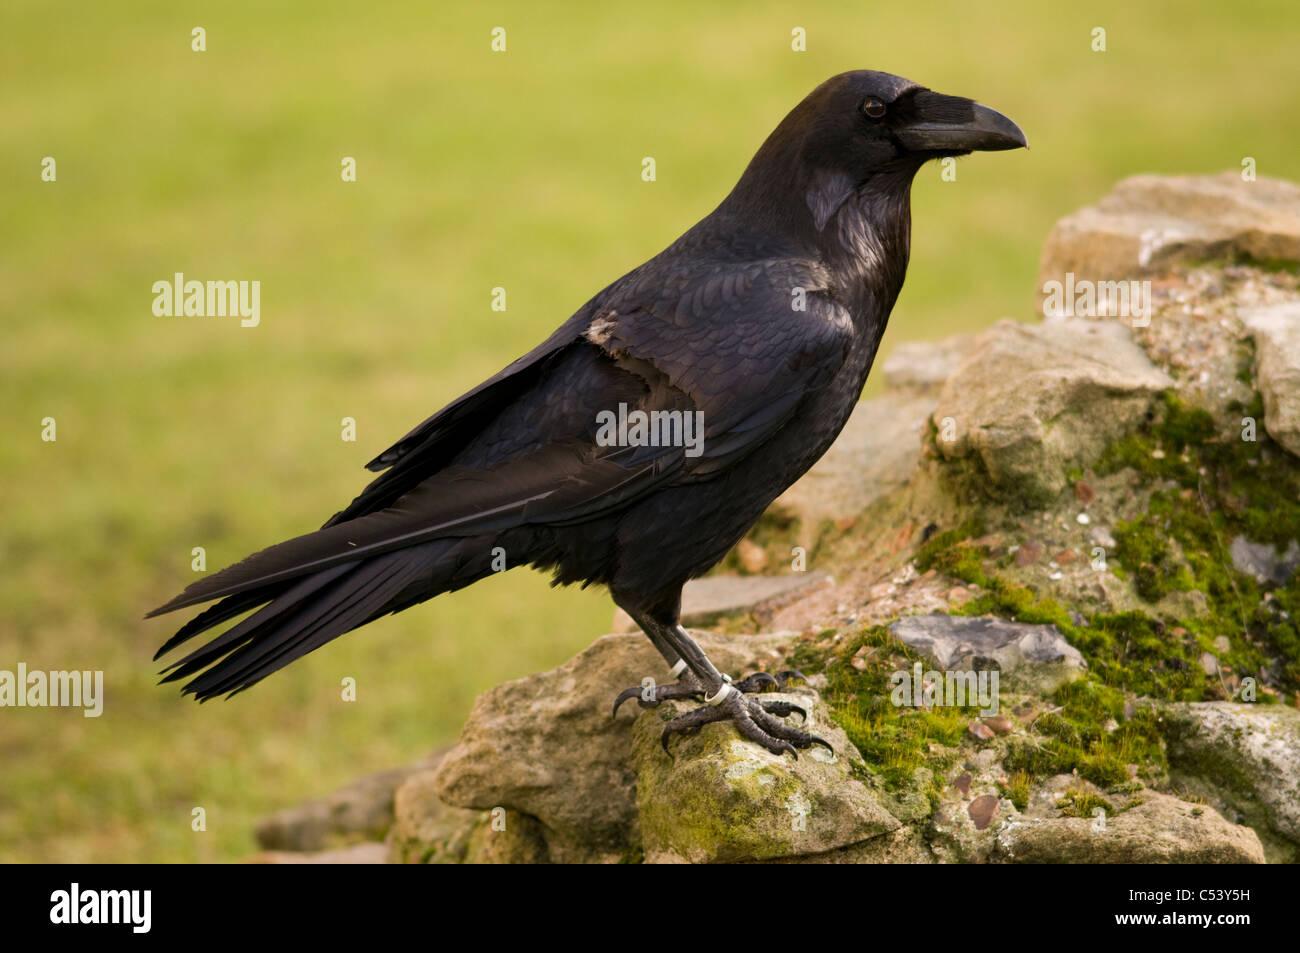 RAVEN Sie-Corvus Corax Vogel mit abgeschnittene Flügelfedern Flug Tower of London, UK gefangen zu verhindern Stockbild